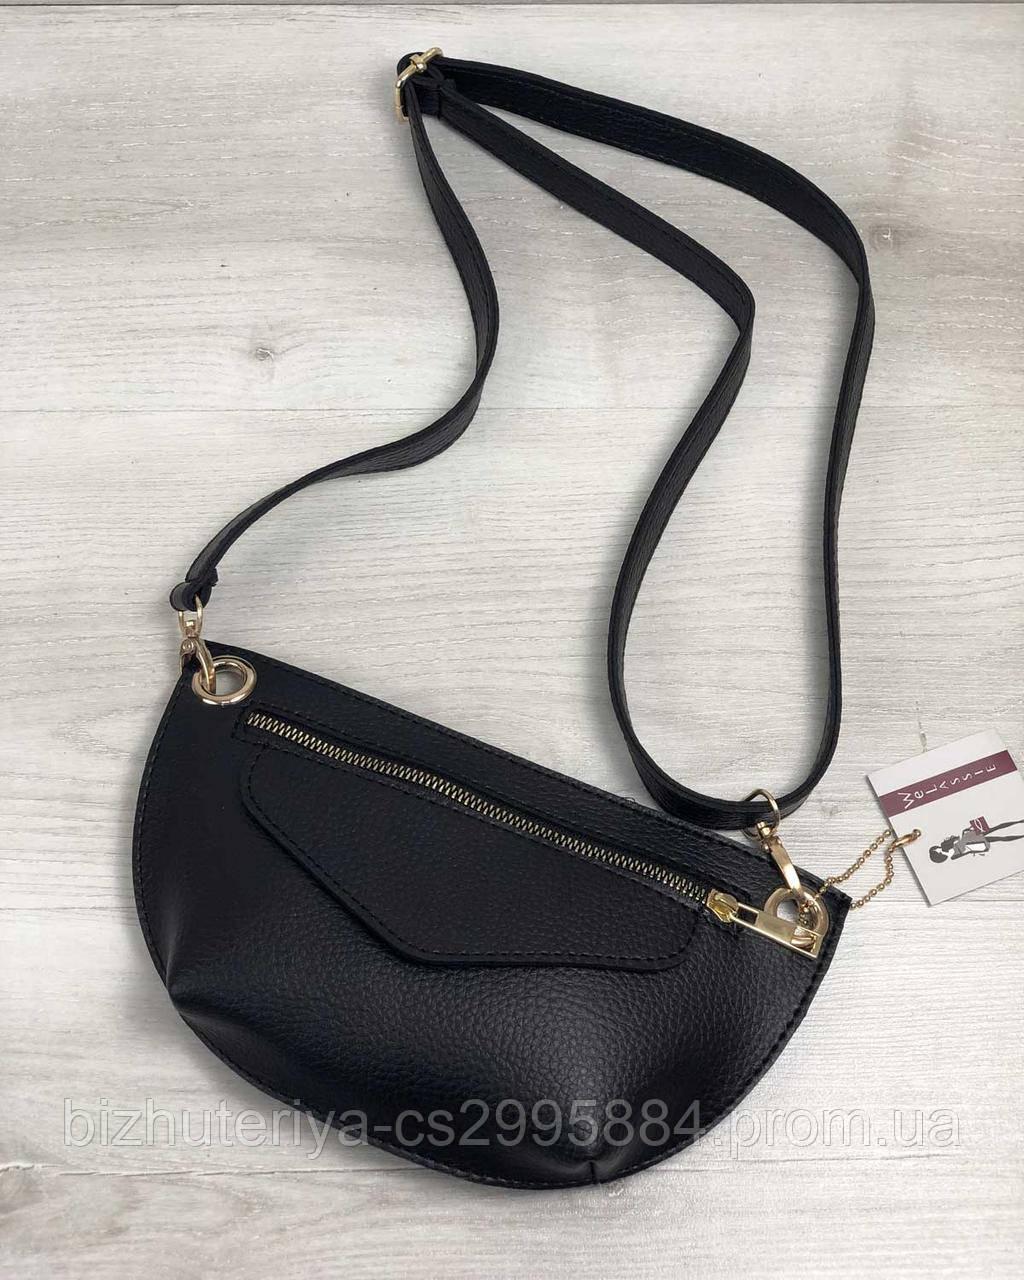 2b30595df342 Женская сумка сумка на пояс- клатч Нана черного цвета - LBL Лучше Быть  Лучшими!